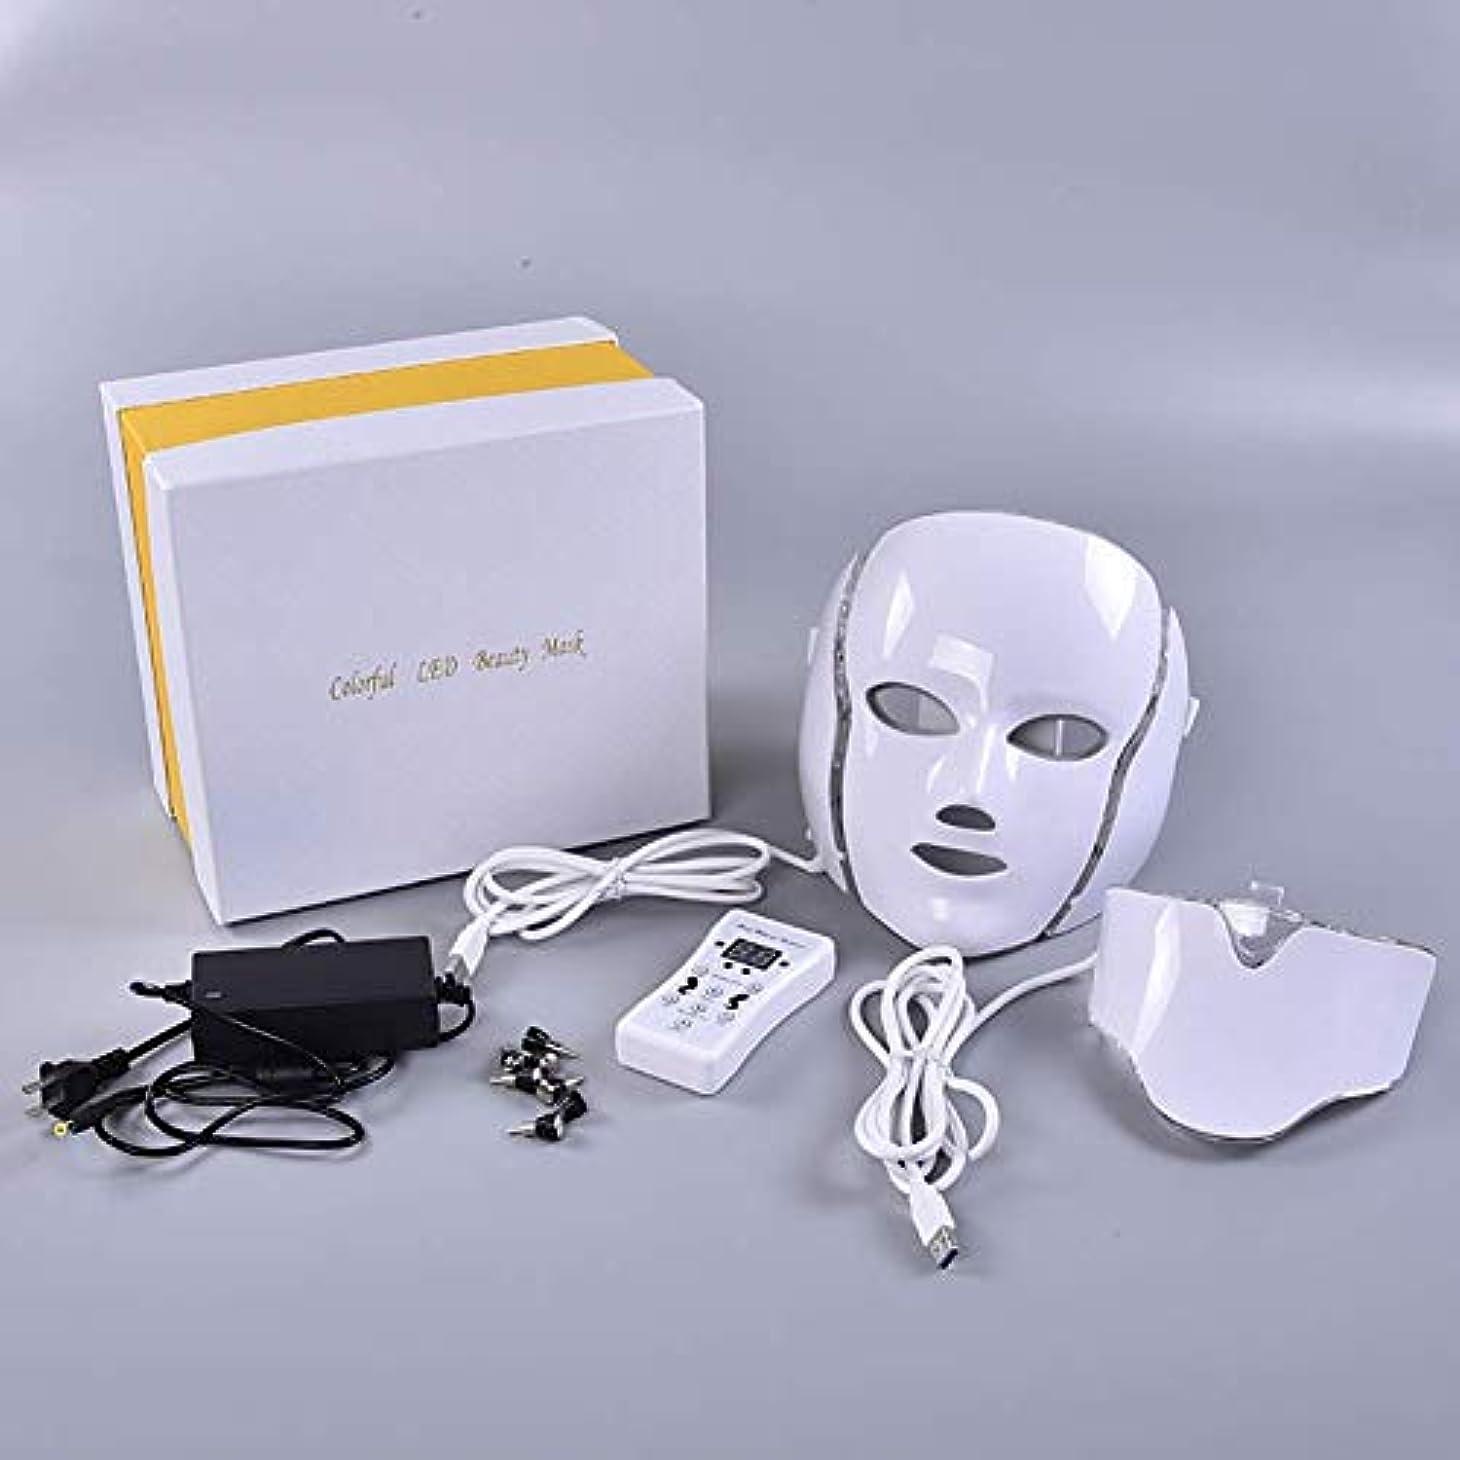 不快な怠けた封建Led肌光線療法器具、7色ledライト光子ネオン白熱フェイシャルライト肌の若返りledフェイスマスクケア治療美容